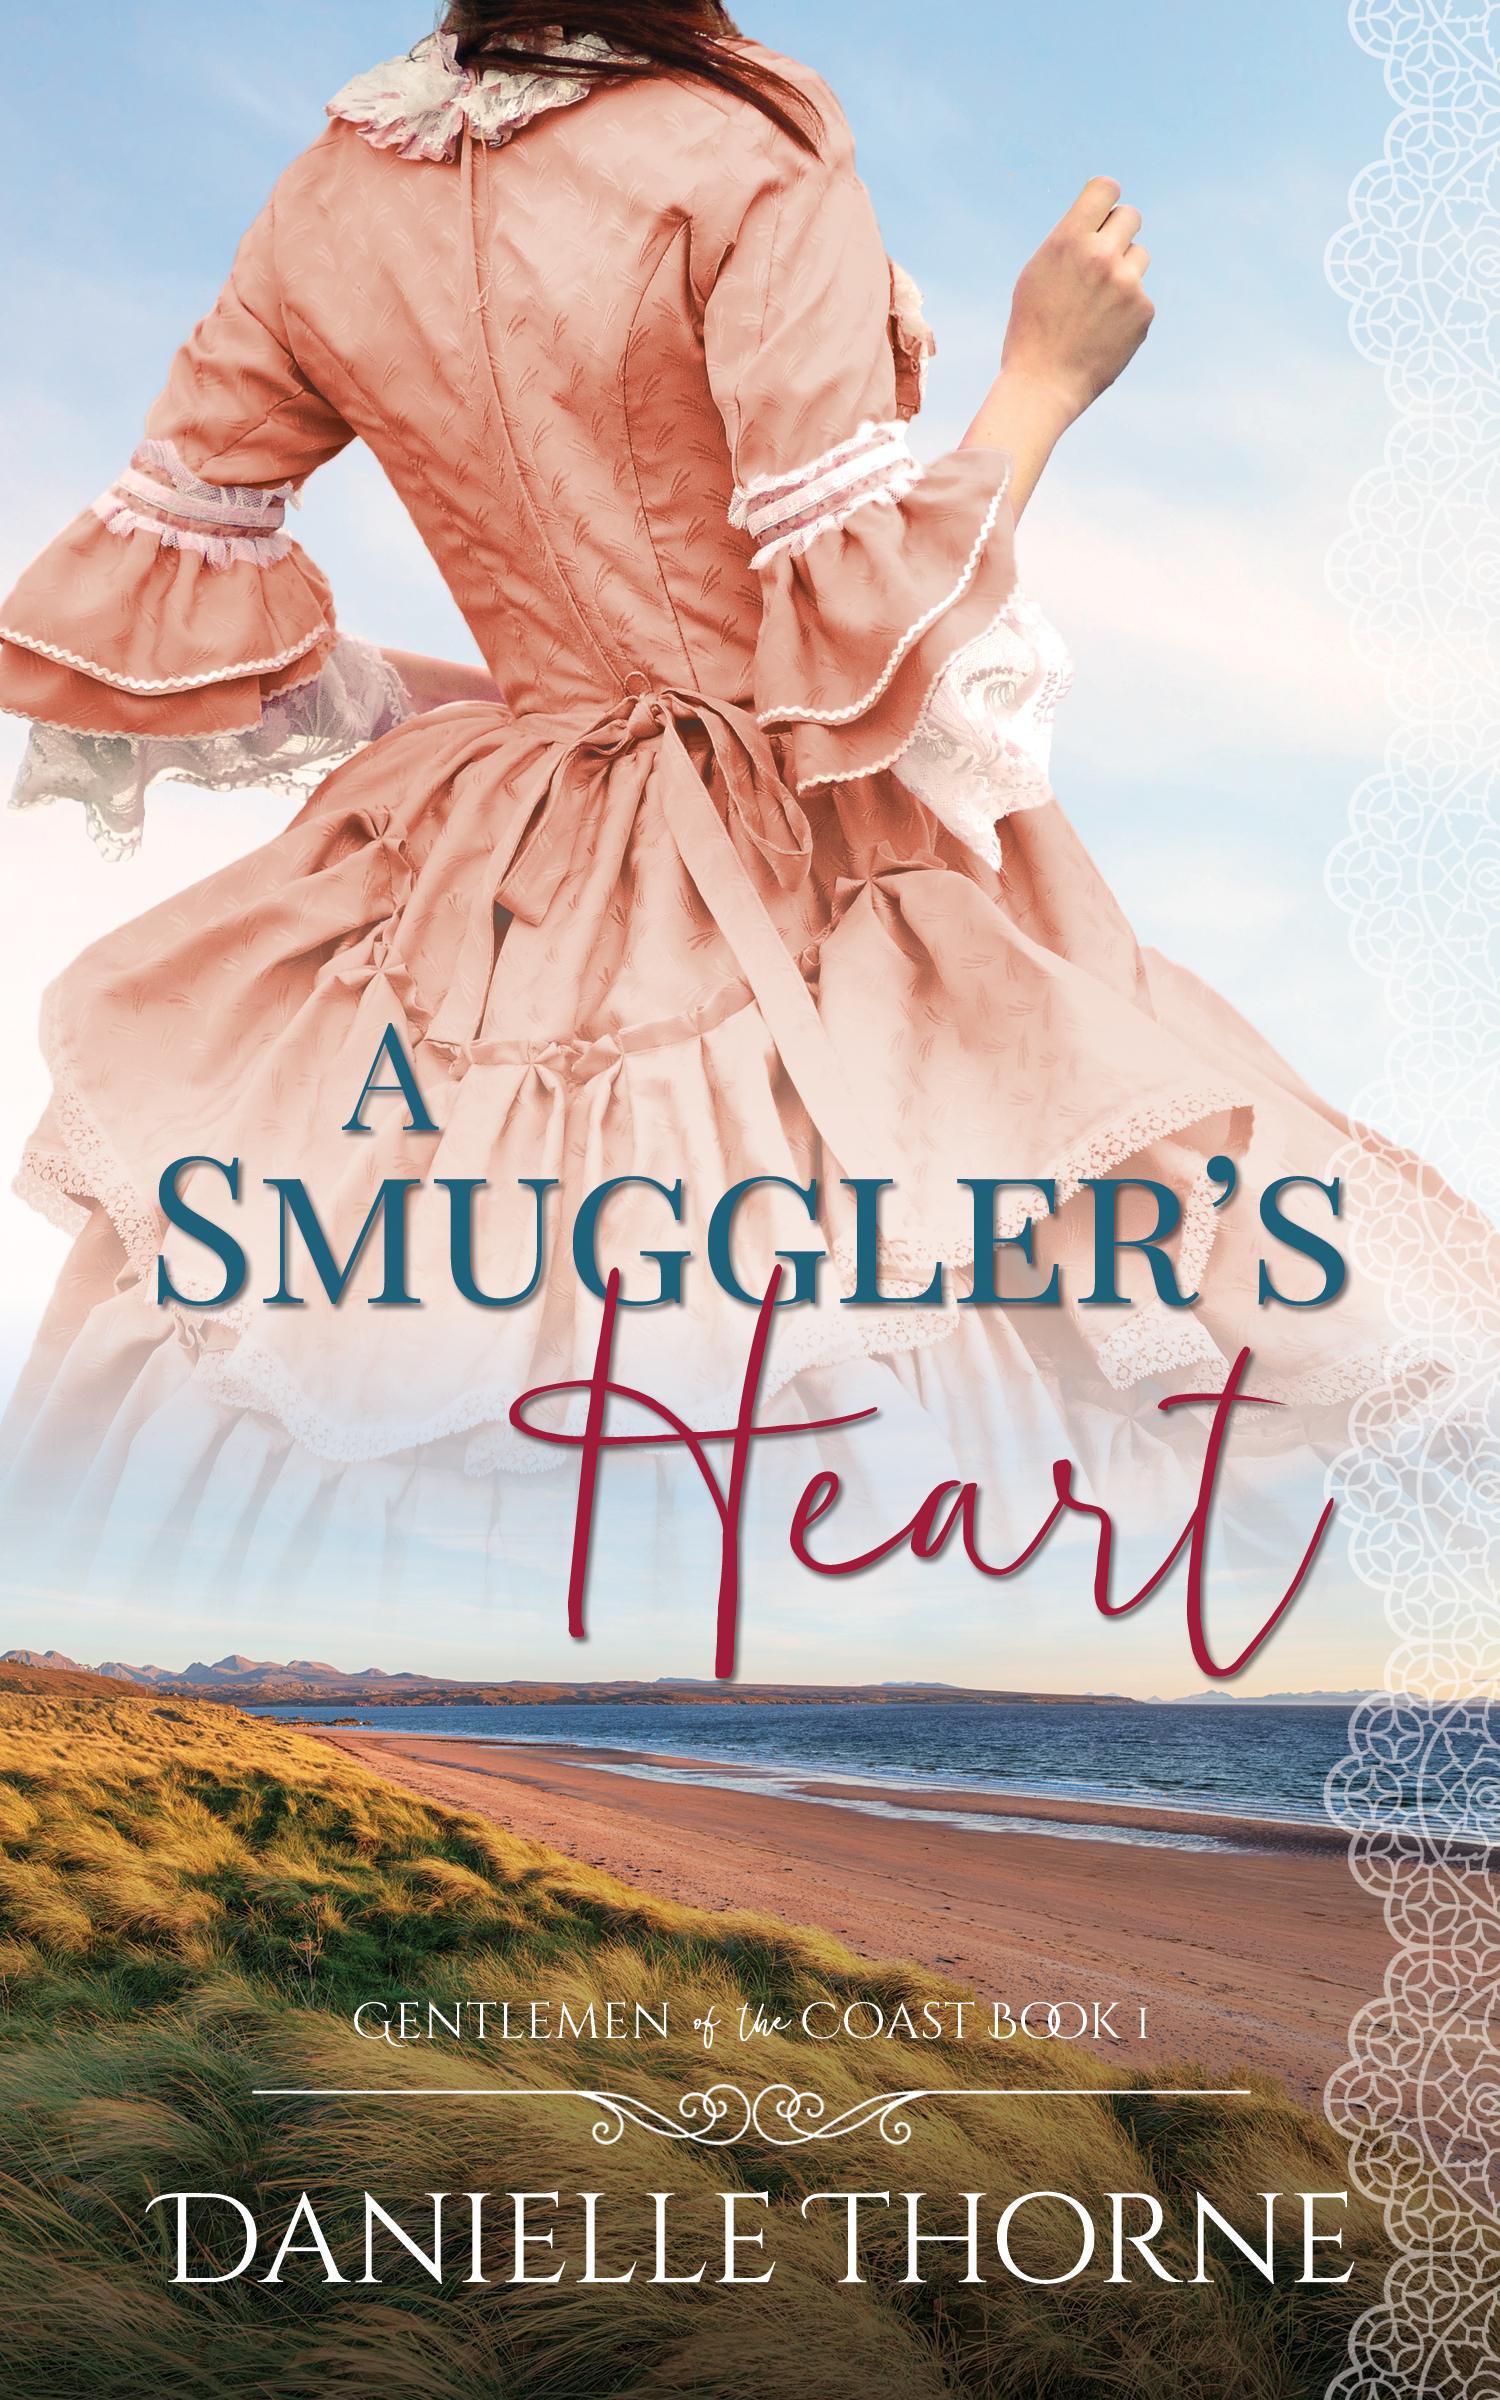 https://www.amazon.com/Smugglers-Heart-Gentlemen-Coast-Book-ebook/dp/B084DDV3Q2